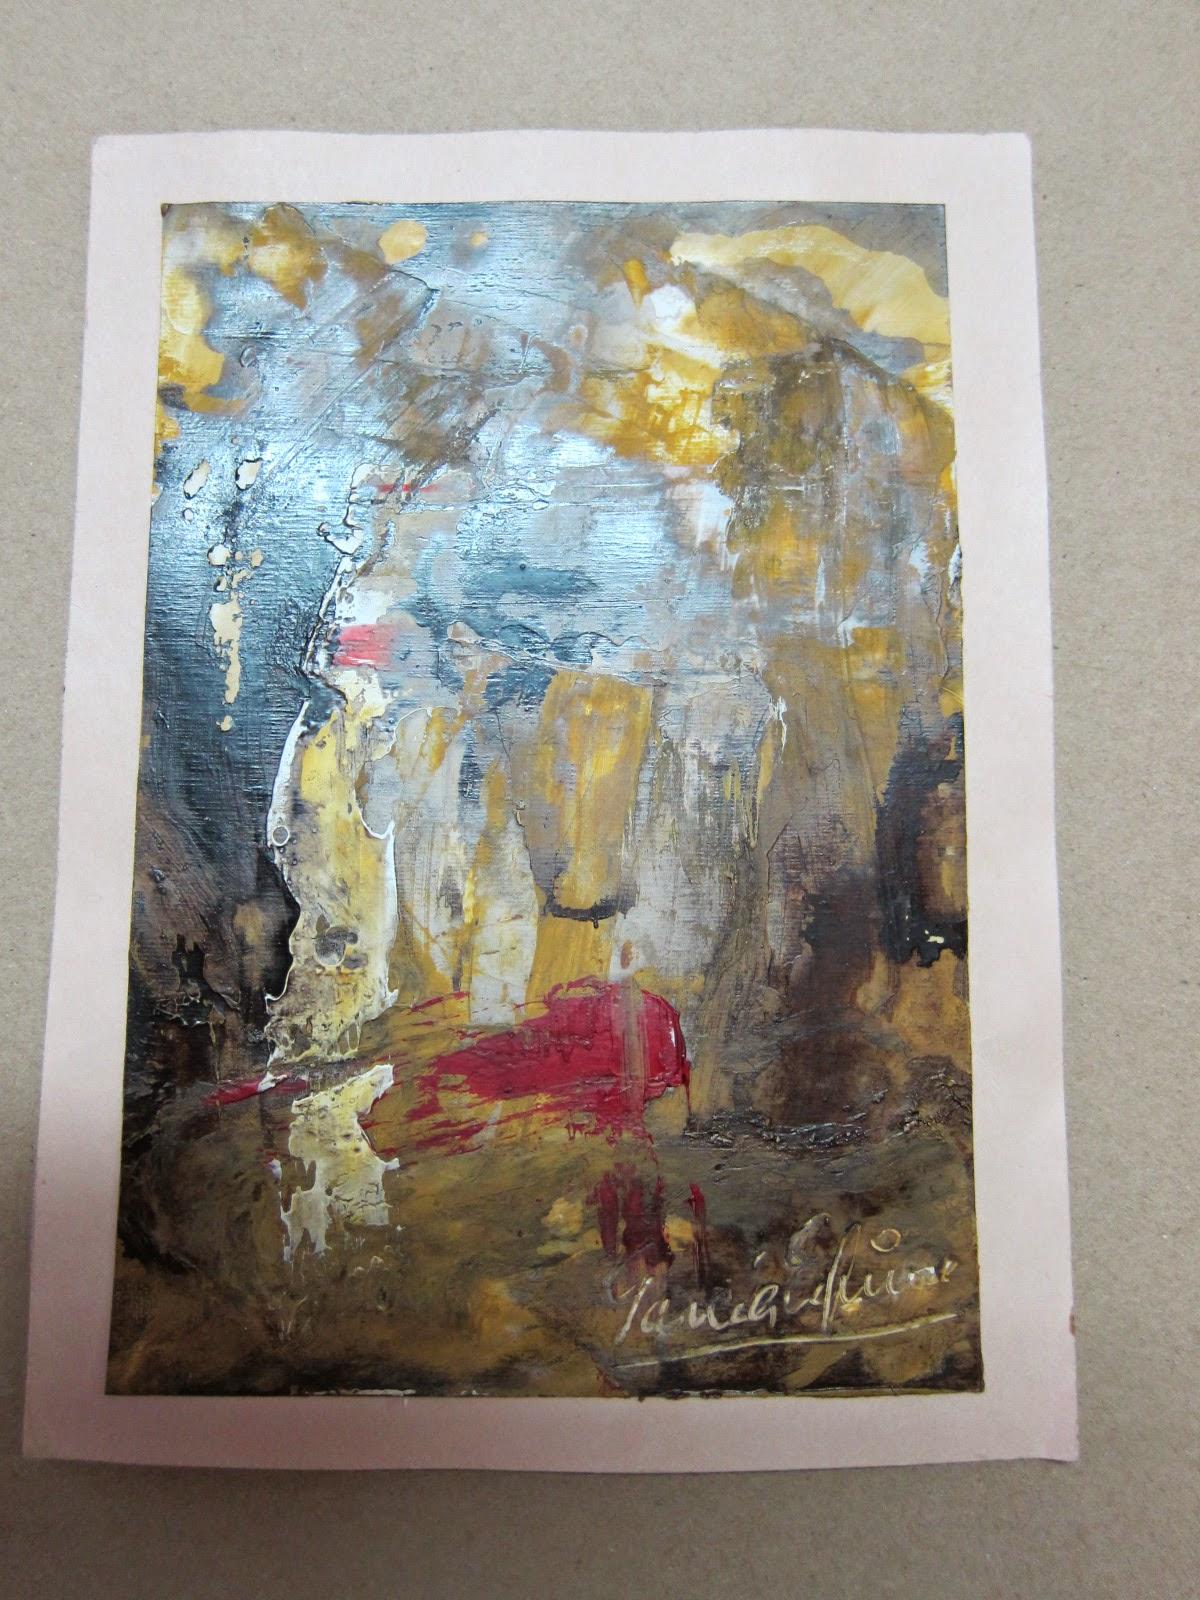 Galeria arte cuadros oleos cuadros abstractos modernos - Cuadros muy modernos ...